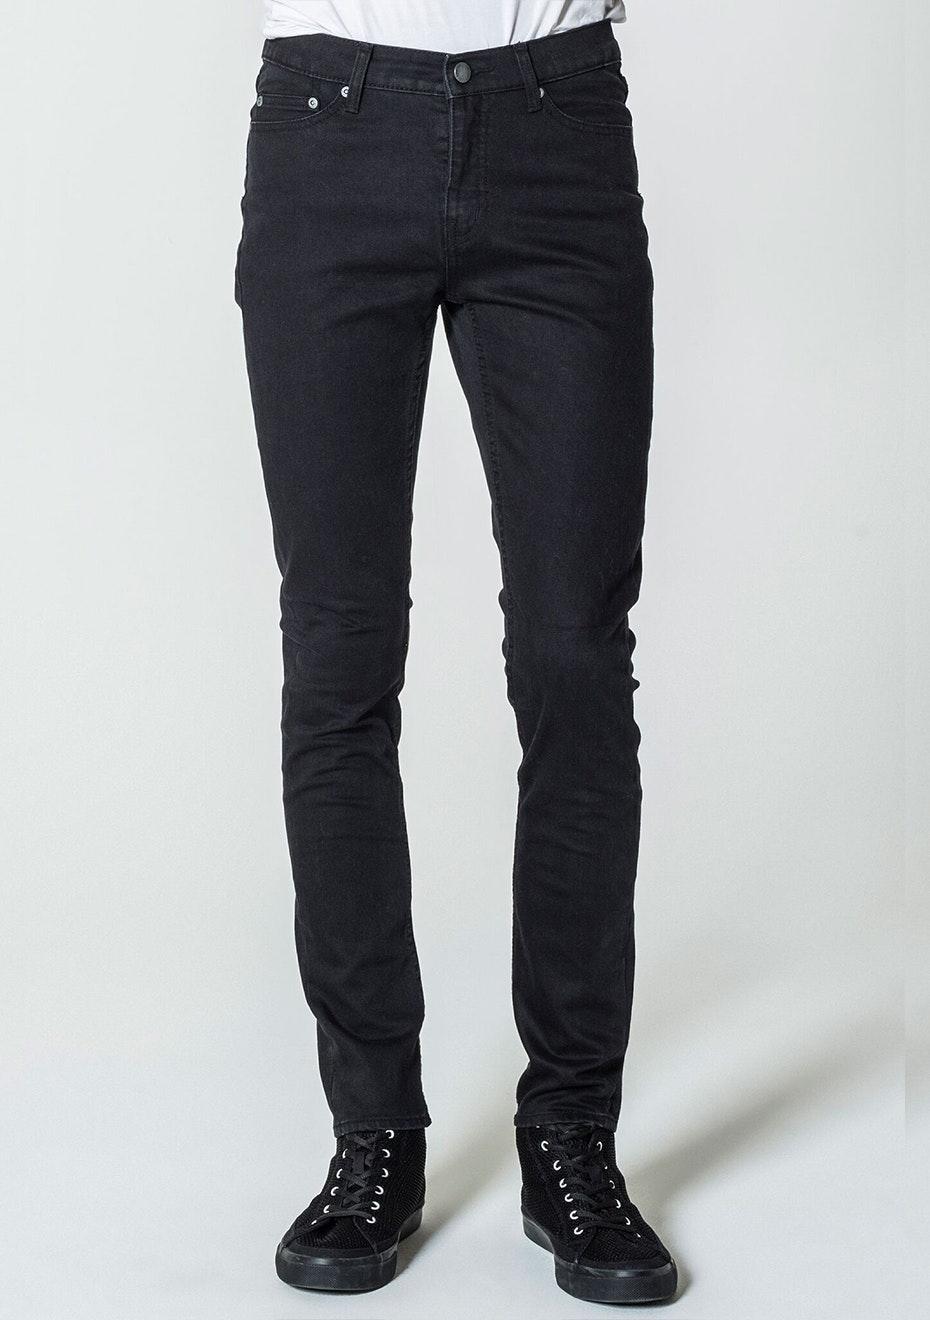 Cheap Monday - Mens - Sonic - Rinse Black 32 Leg